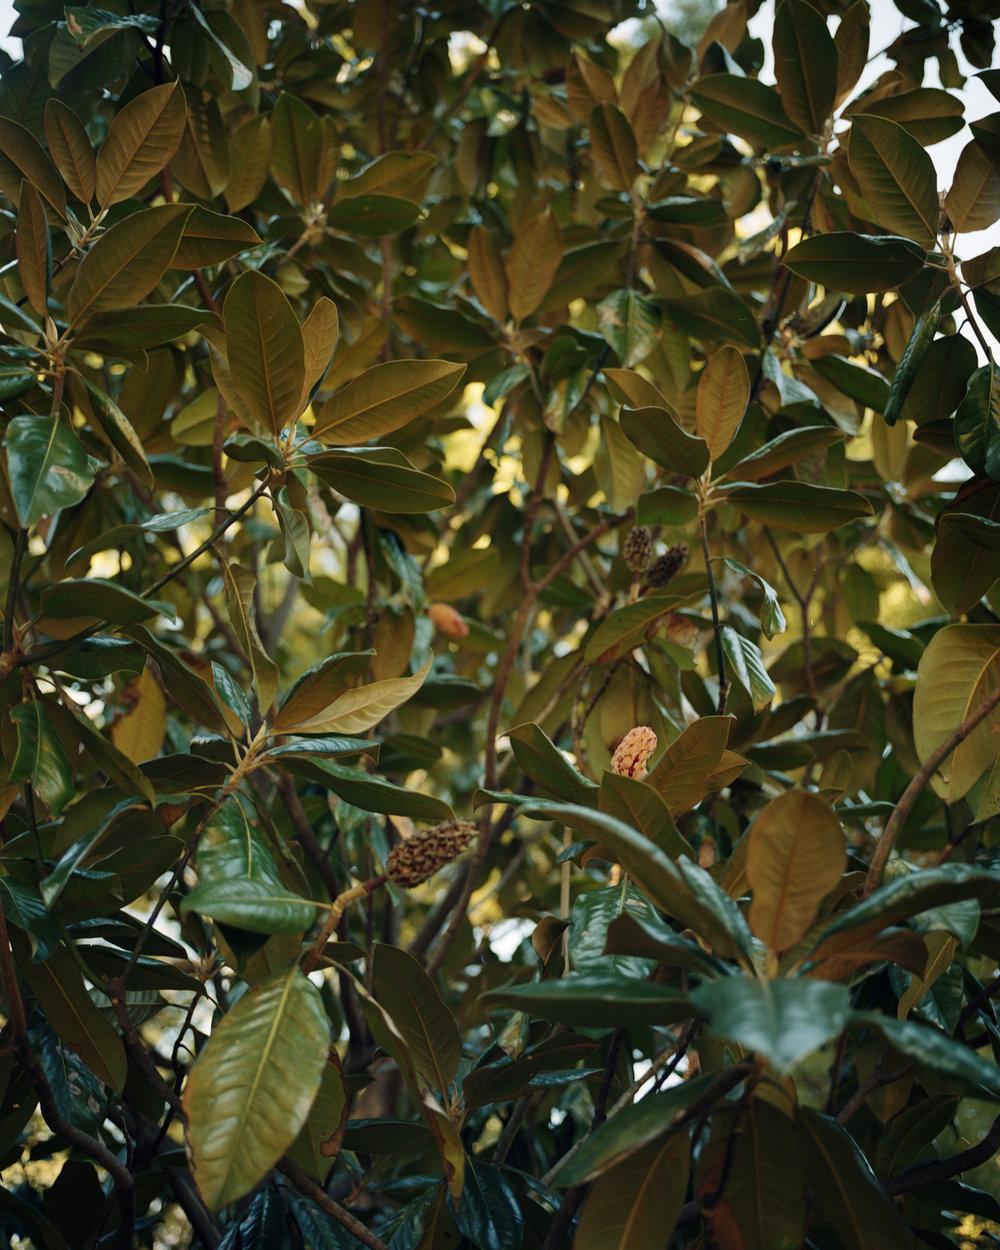 %22banana leaves%22006.jpg